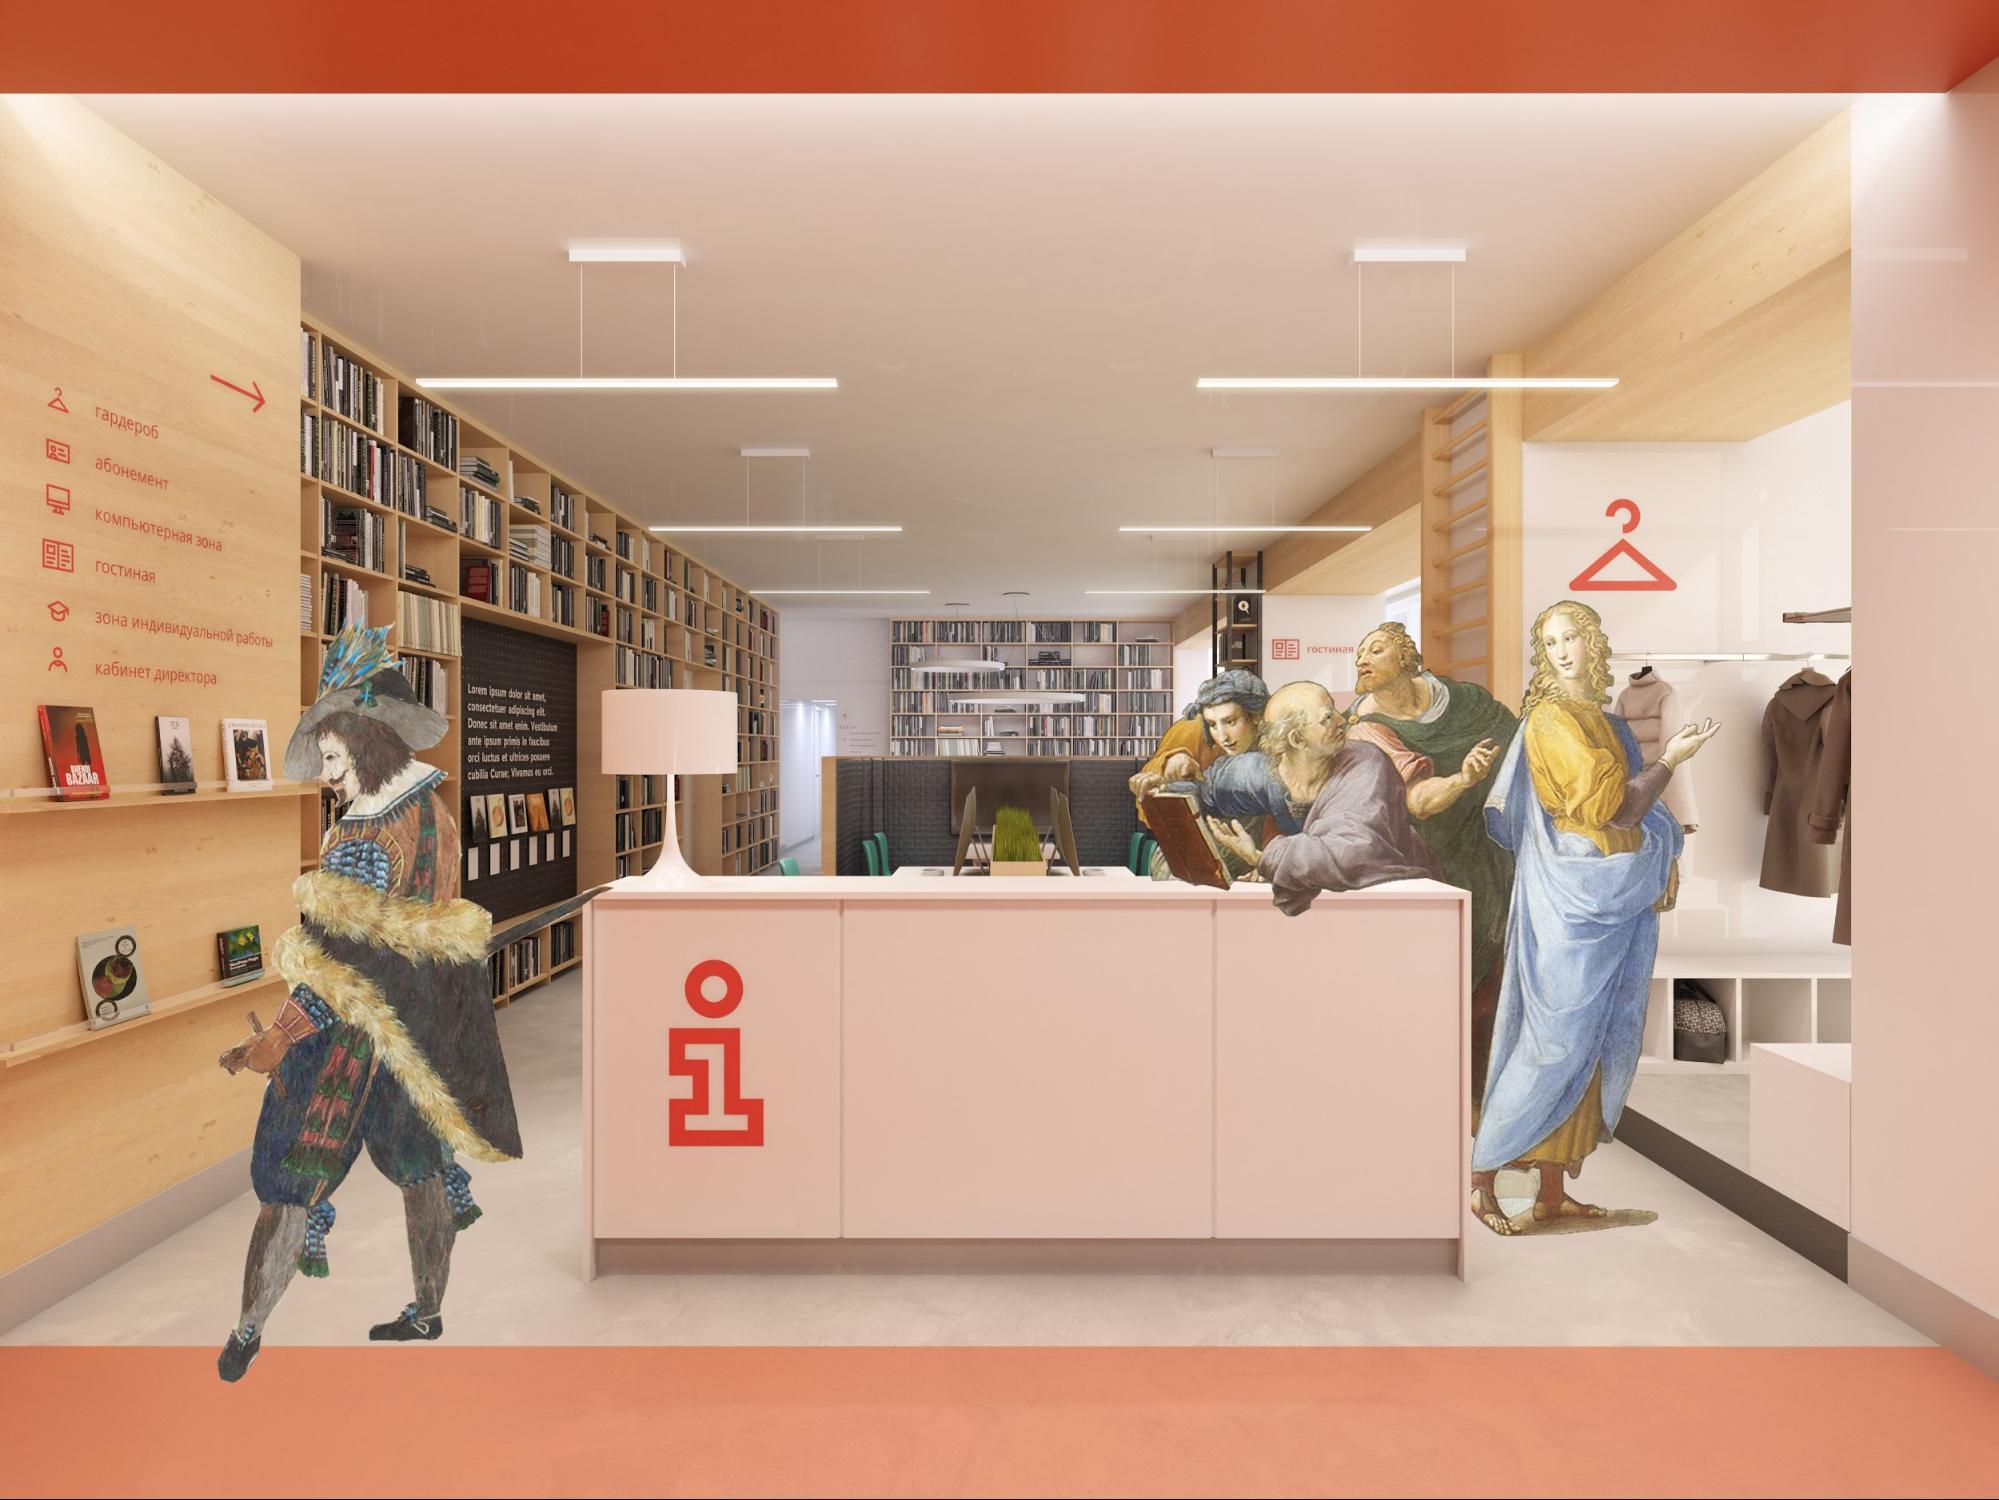 Студенческий проект «Читающая Сатка» для Лаборатории дизайна НИУ ВШЭ - hsedesignlad.ru